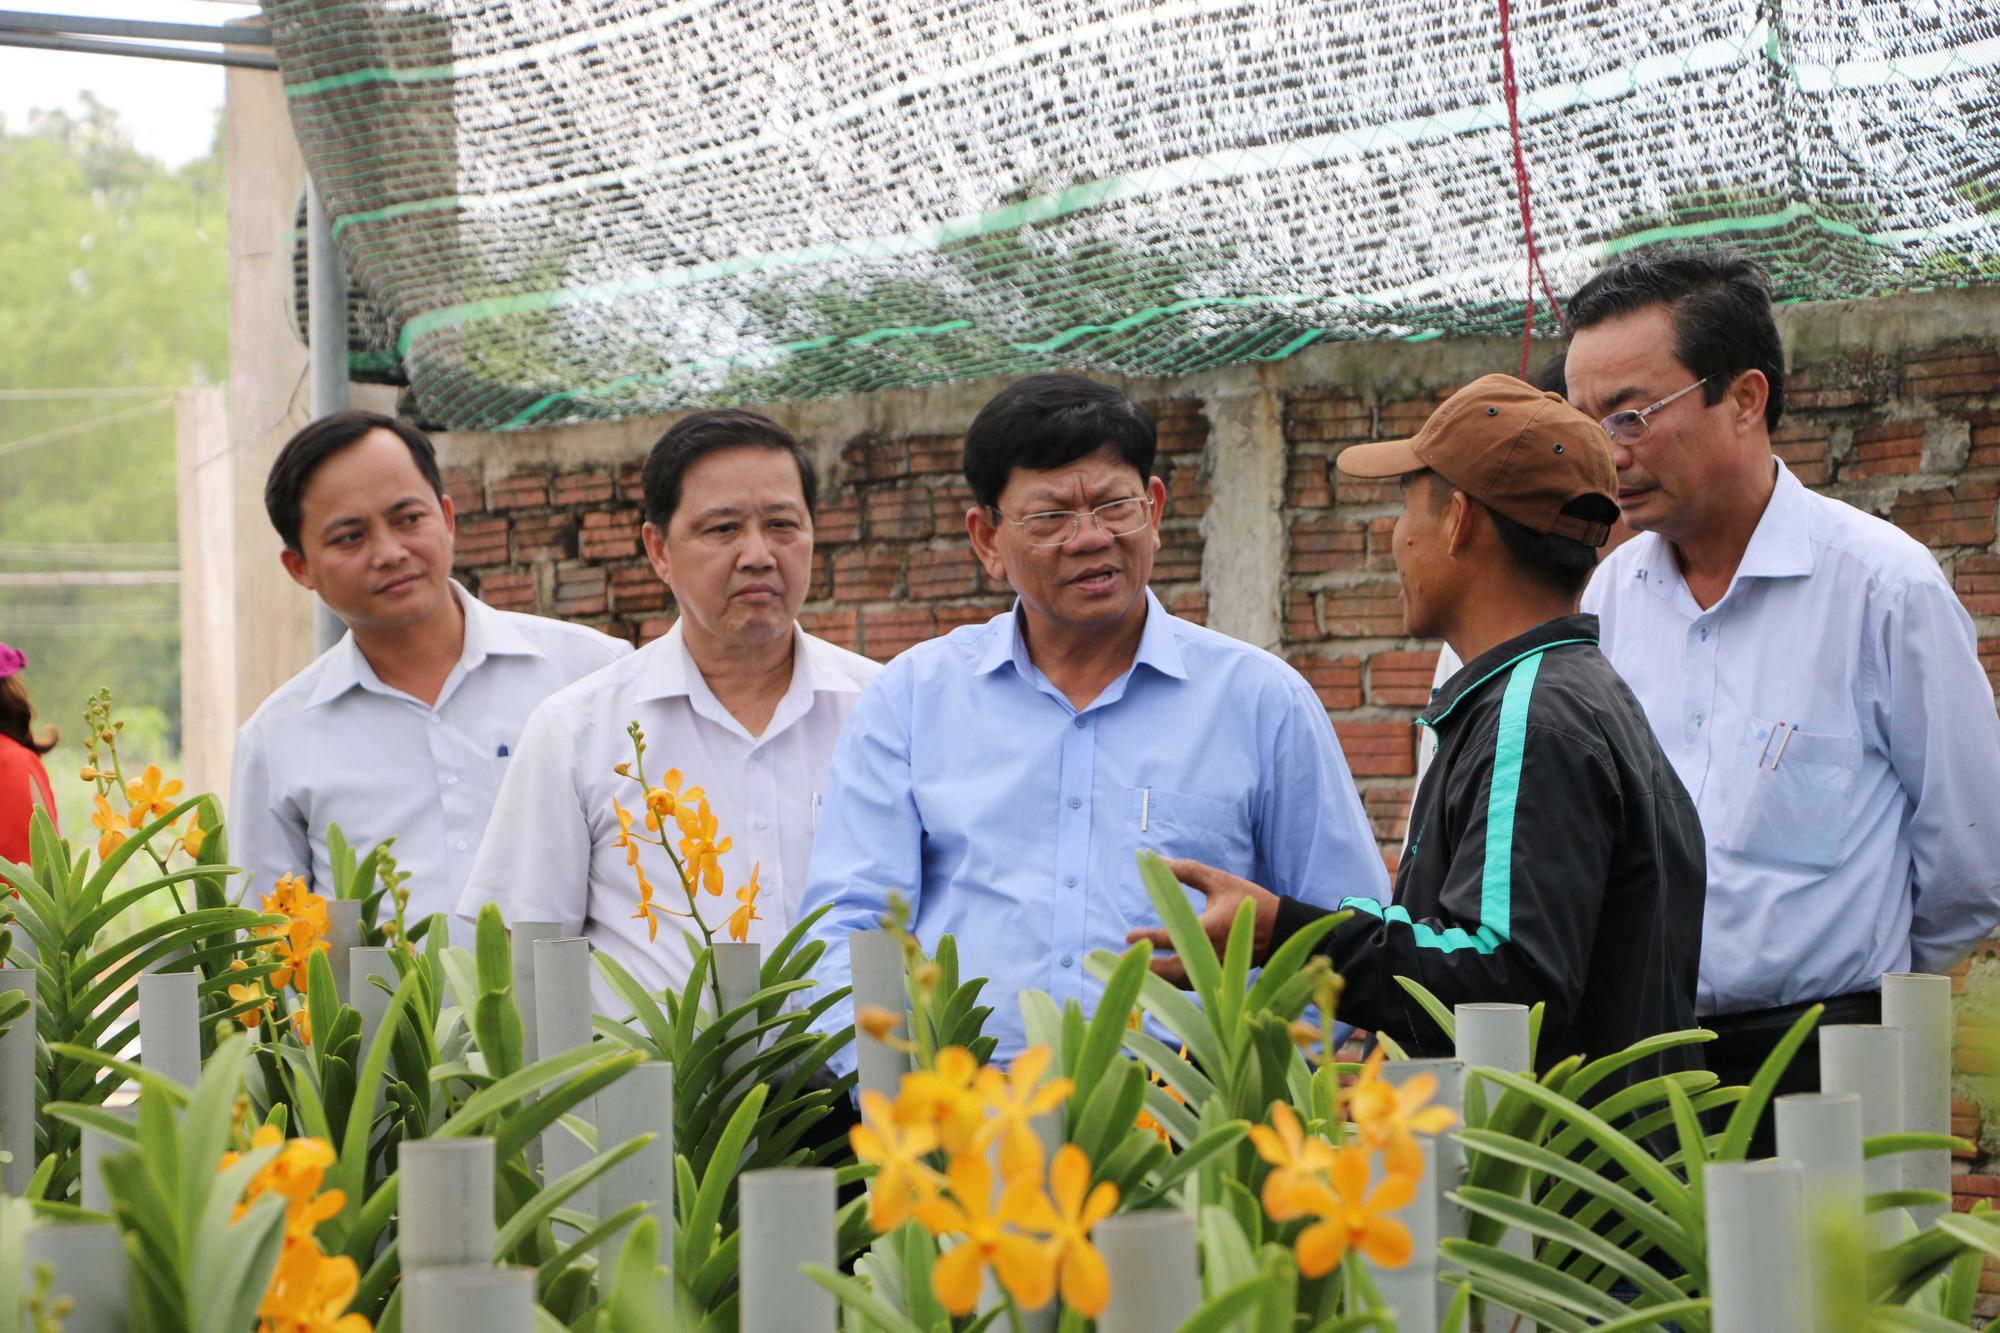 Đà Nẵng: Dấu ấn Hòa Vang sau 10 năm xây dựng nông thôn mới - Ảnh 4.